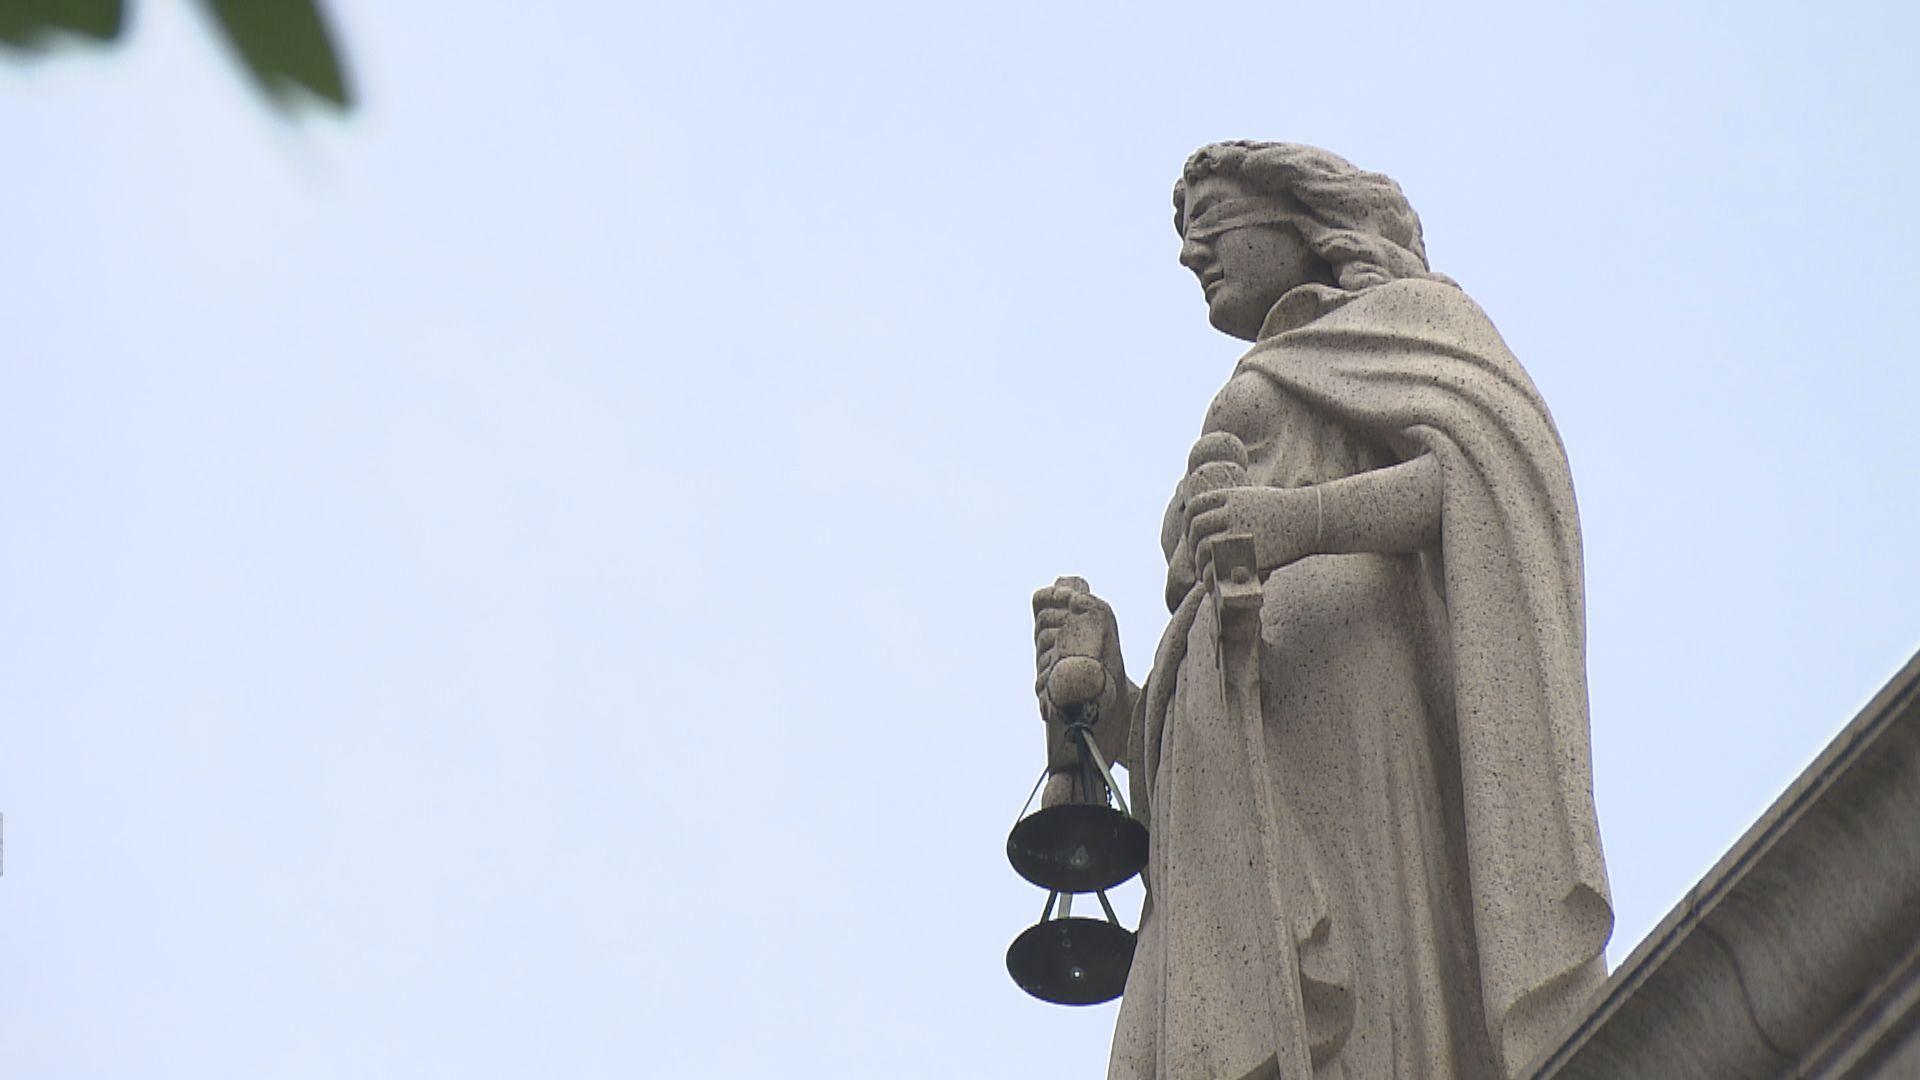 譚惠珠:若港區國安法案件涉及中央 法院應尋求解釋